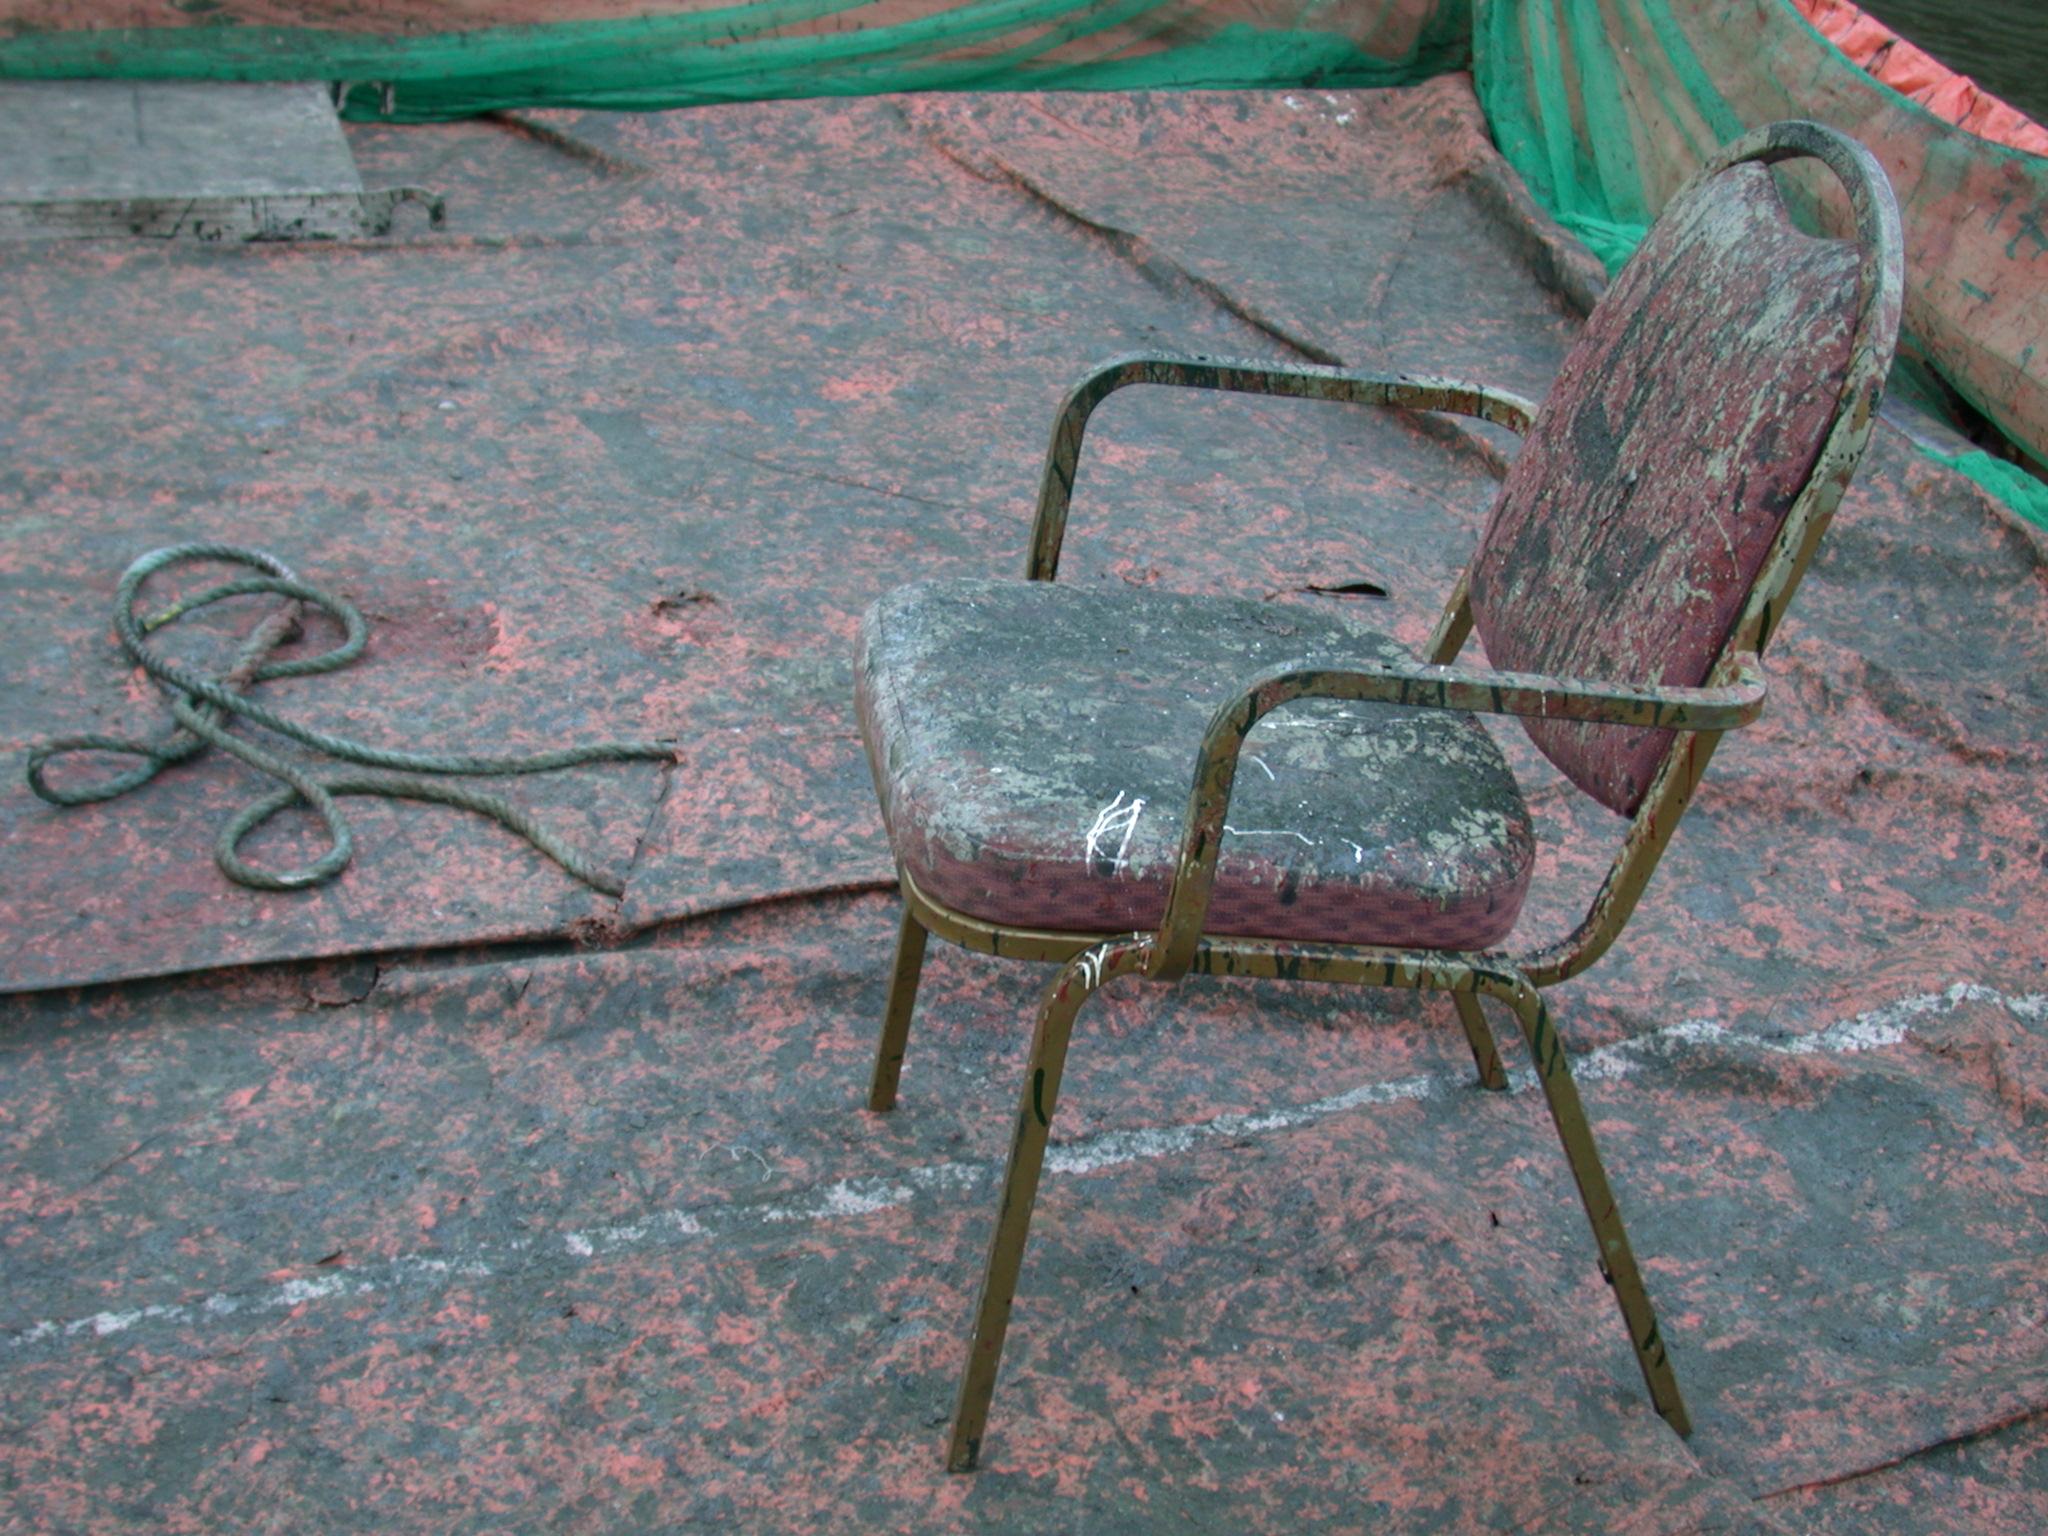 cadeira muito velha suja